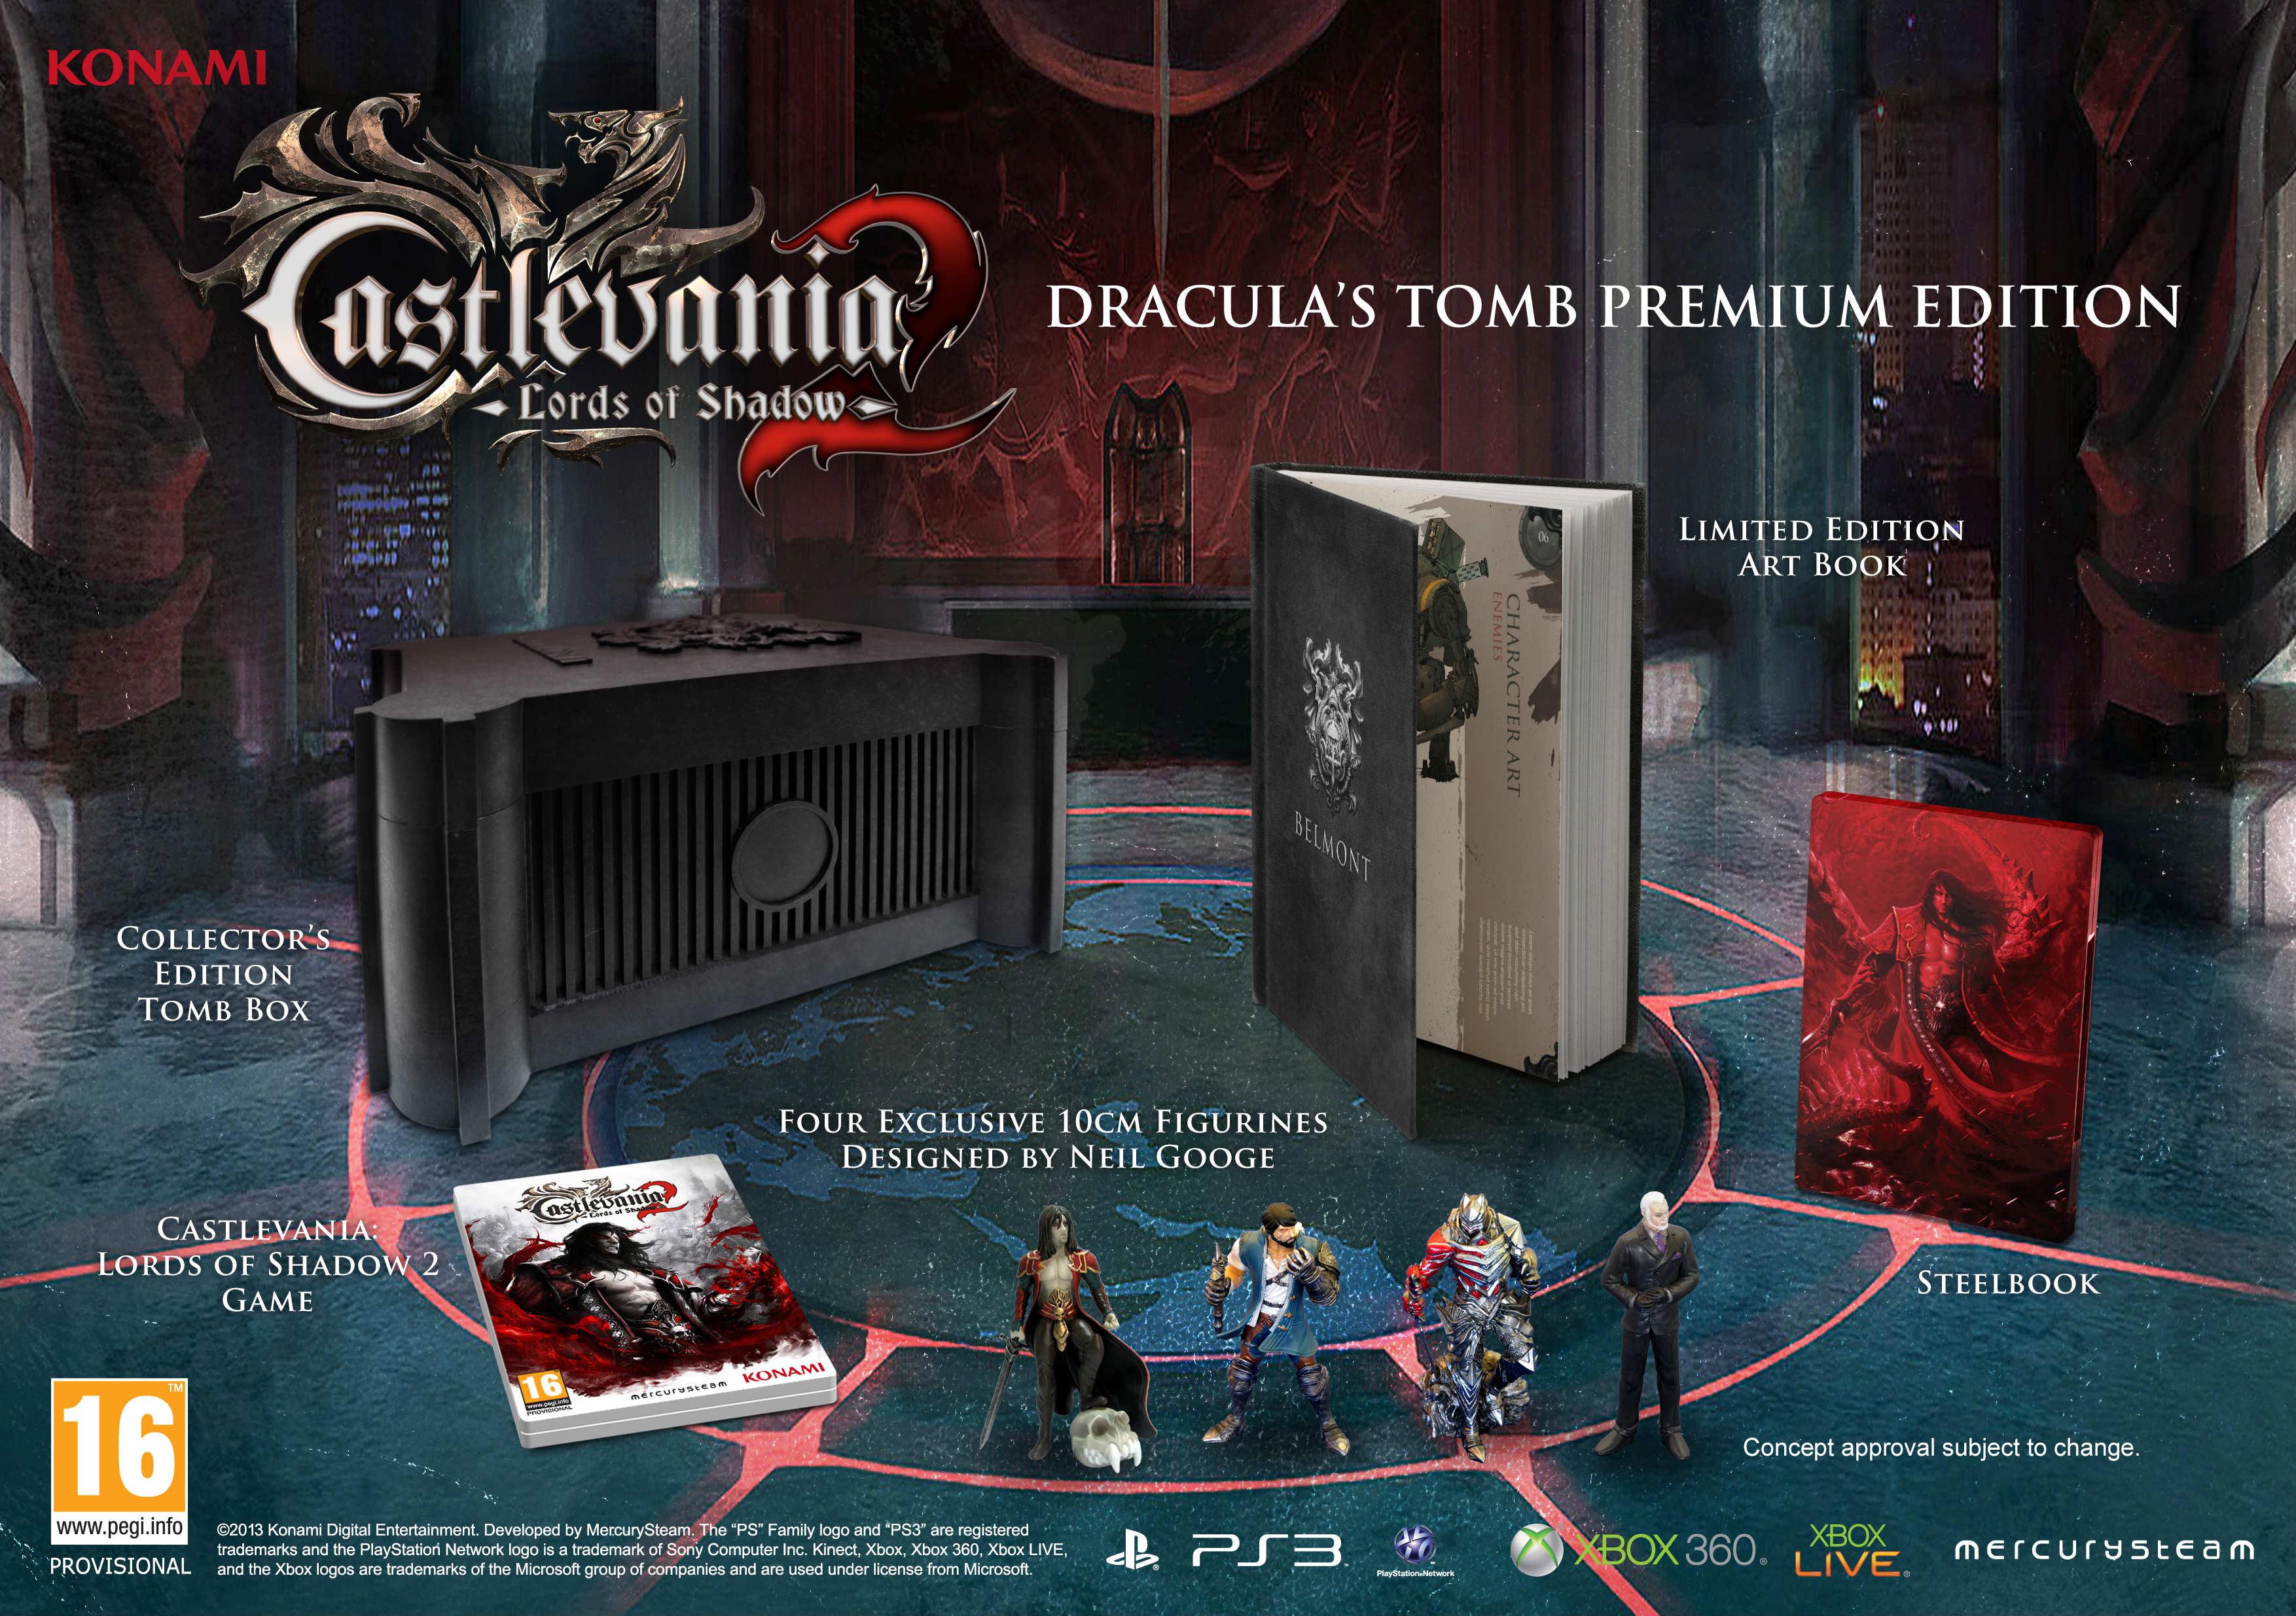 Castlevania Lord Of Shadows 2: Draculas Tomb Premium Edition (PS3) voor € 38,69 @ Zavvi